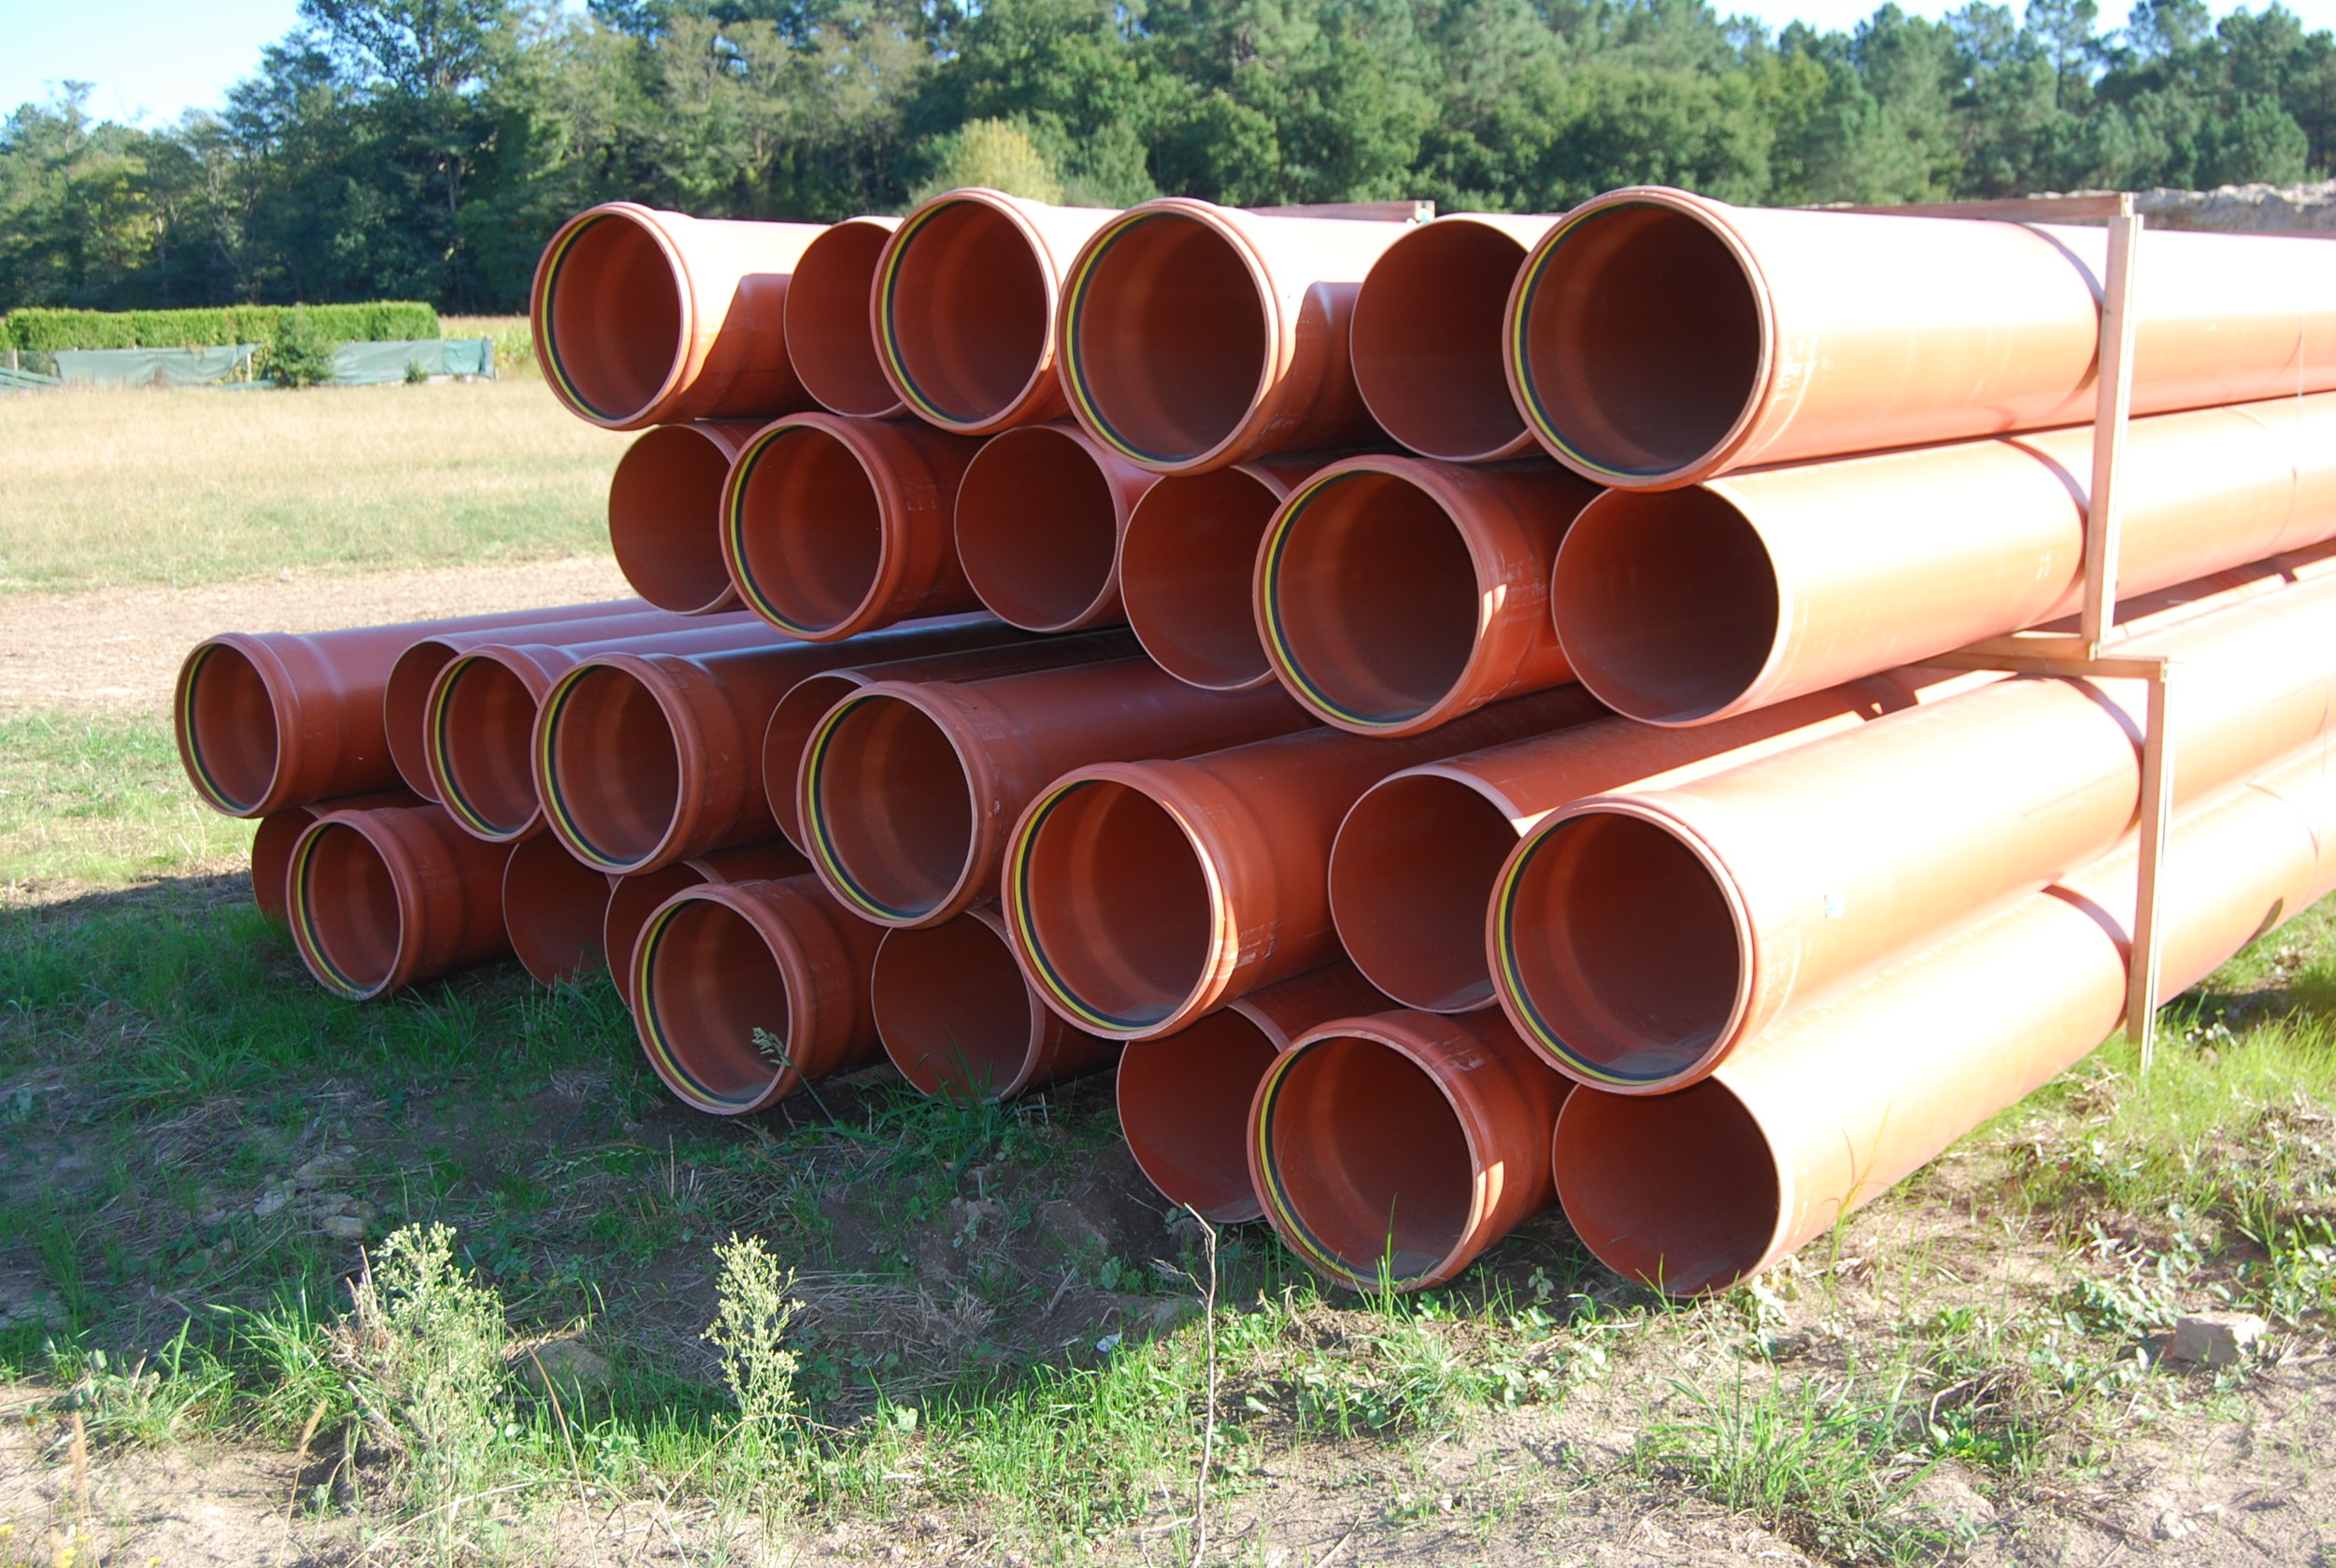 A Xunta de Goberno Local aproba o expediente de contratación das obras de saneamento nos lugares de Suevos e Sorribas